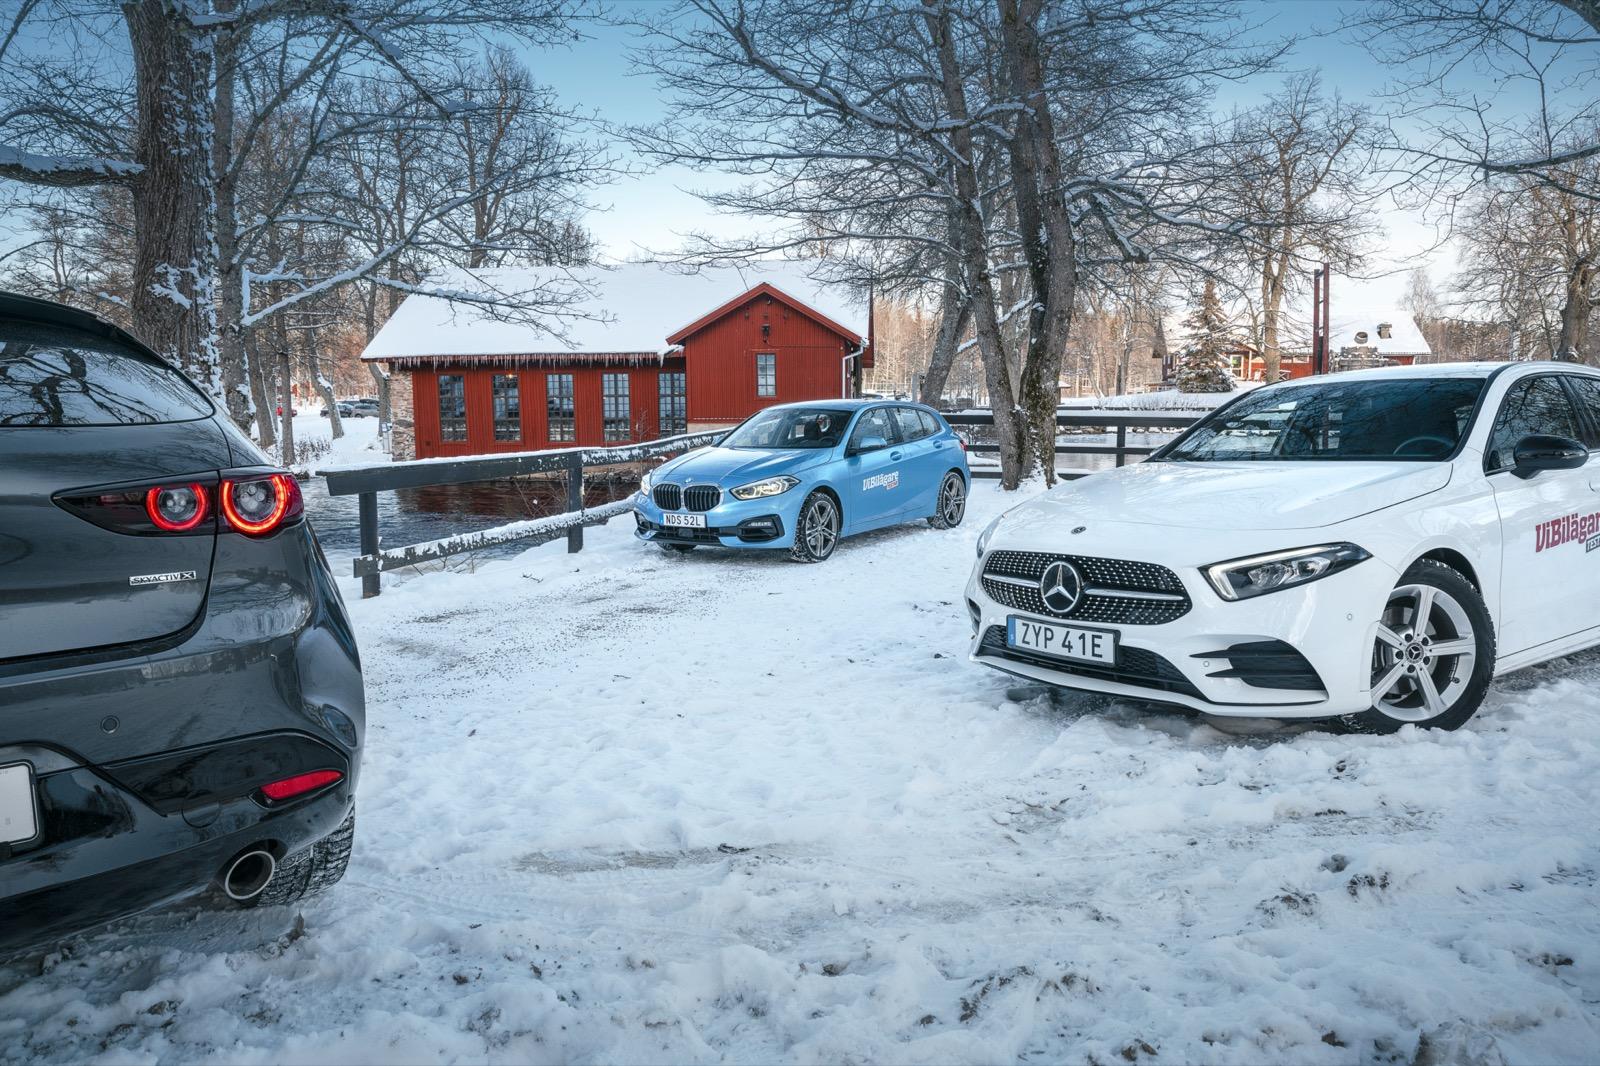 Samling vid Högbo Bruks glashytta. Med blott 1,3 liter har Mercedes A200 den minsta motor-volymen – trots en cylinder mer än BMW 118i.